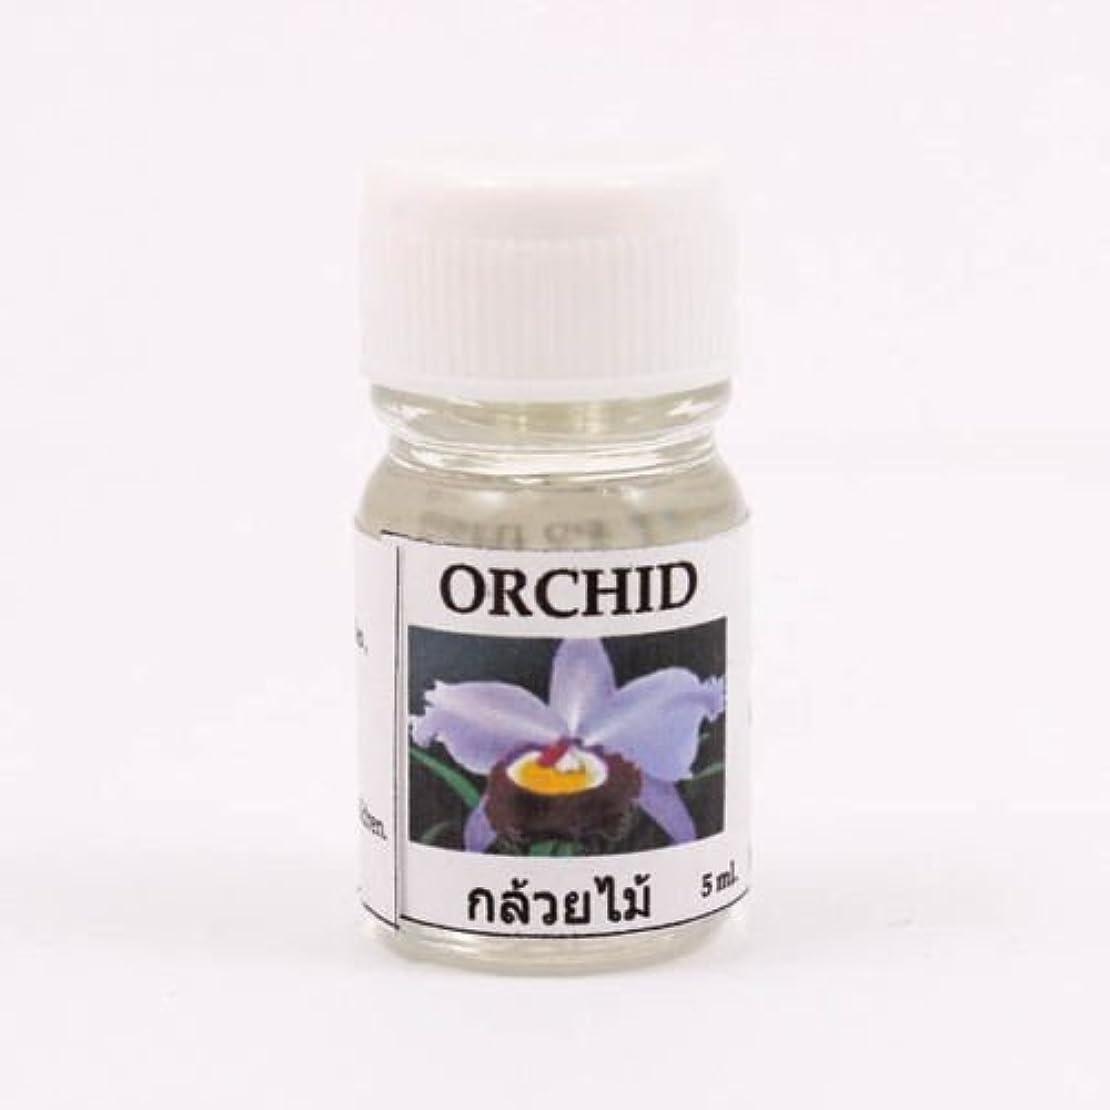 状態純度ビジネス6X Orchid Aroma Fragrance Essential Oil 5ML. (cc) Diffuser Burner Therapy